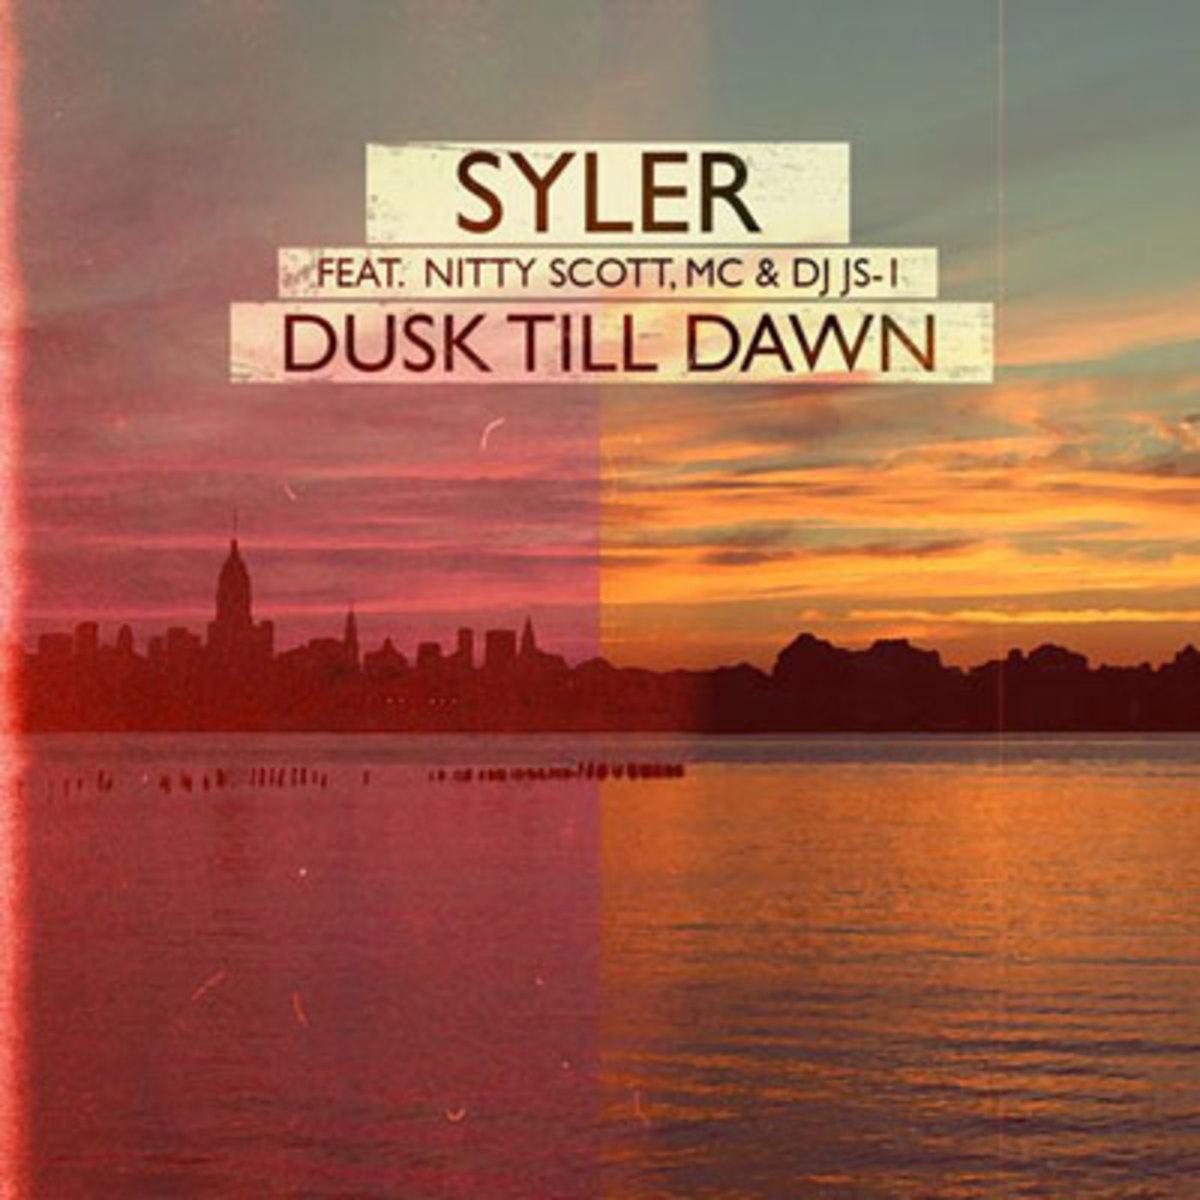 syler-dusktildawn.jpg